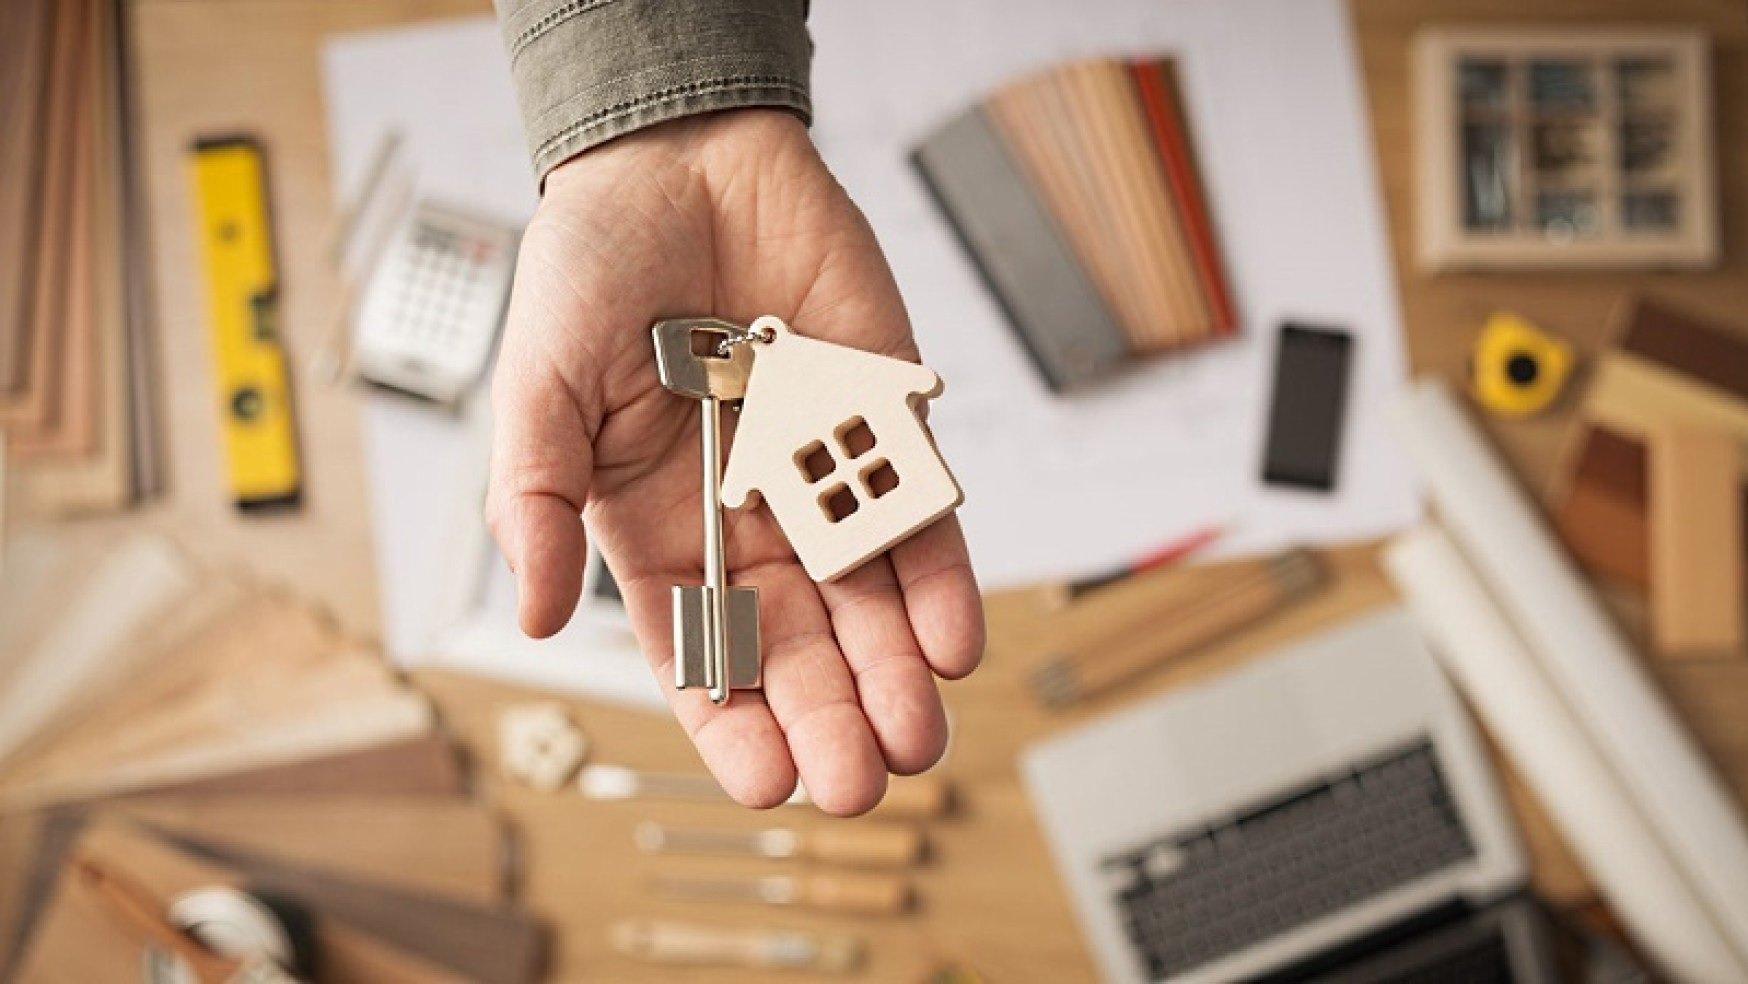 Українцям заборонять самостійно продавати свої квартири: новий закон про ріелторську діяльність - today.ua